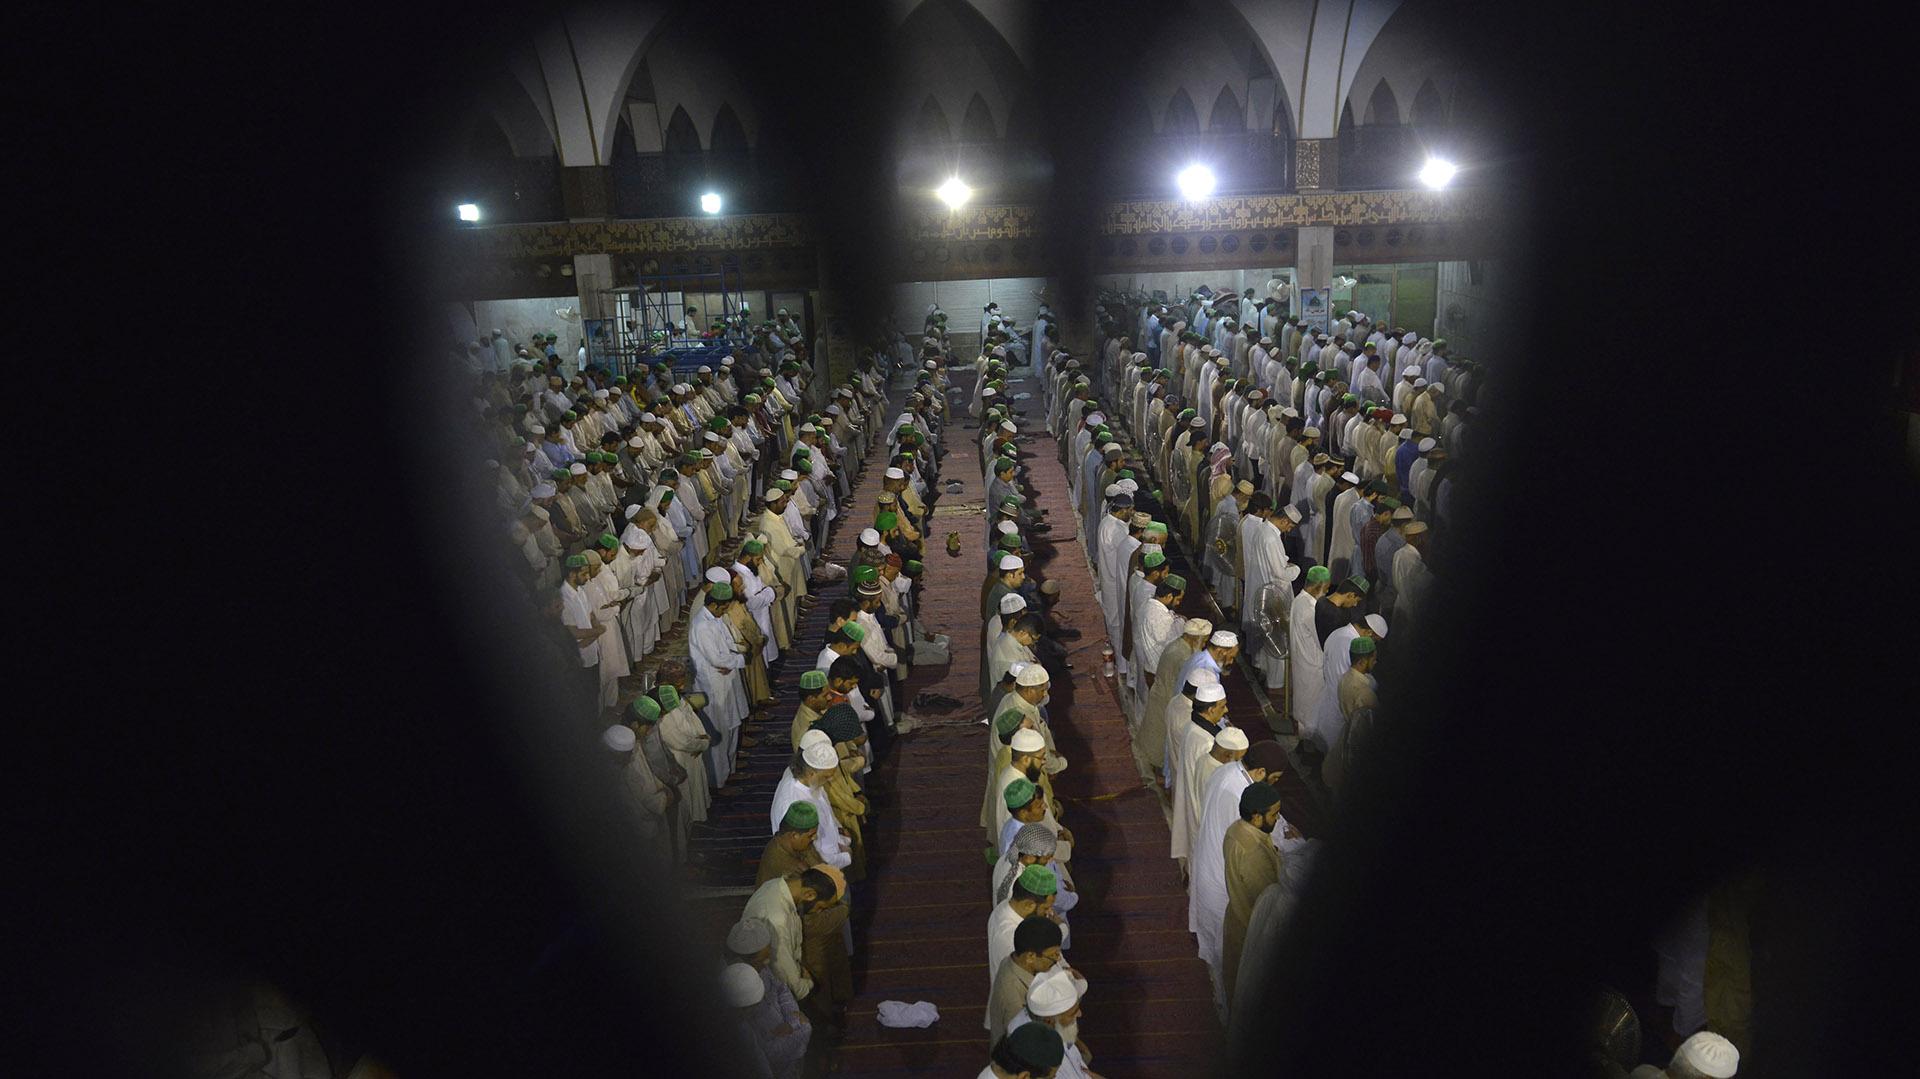 En Ramadán se vive de noche, porque es en las horas nocturnas cuando los creyentes comen, se reúnen, van a la mezquita, vuelven a comer, ven la televisión y hasta celebran conferencias y reuniones de trabajo. Durante el día, los musulmanes se dedican a rezar y leer versos del Corán (AFP)